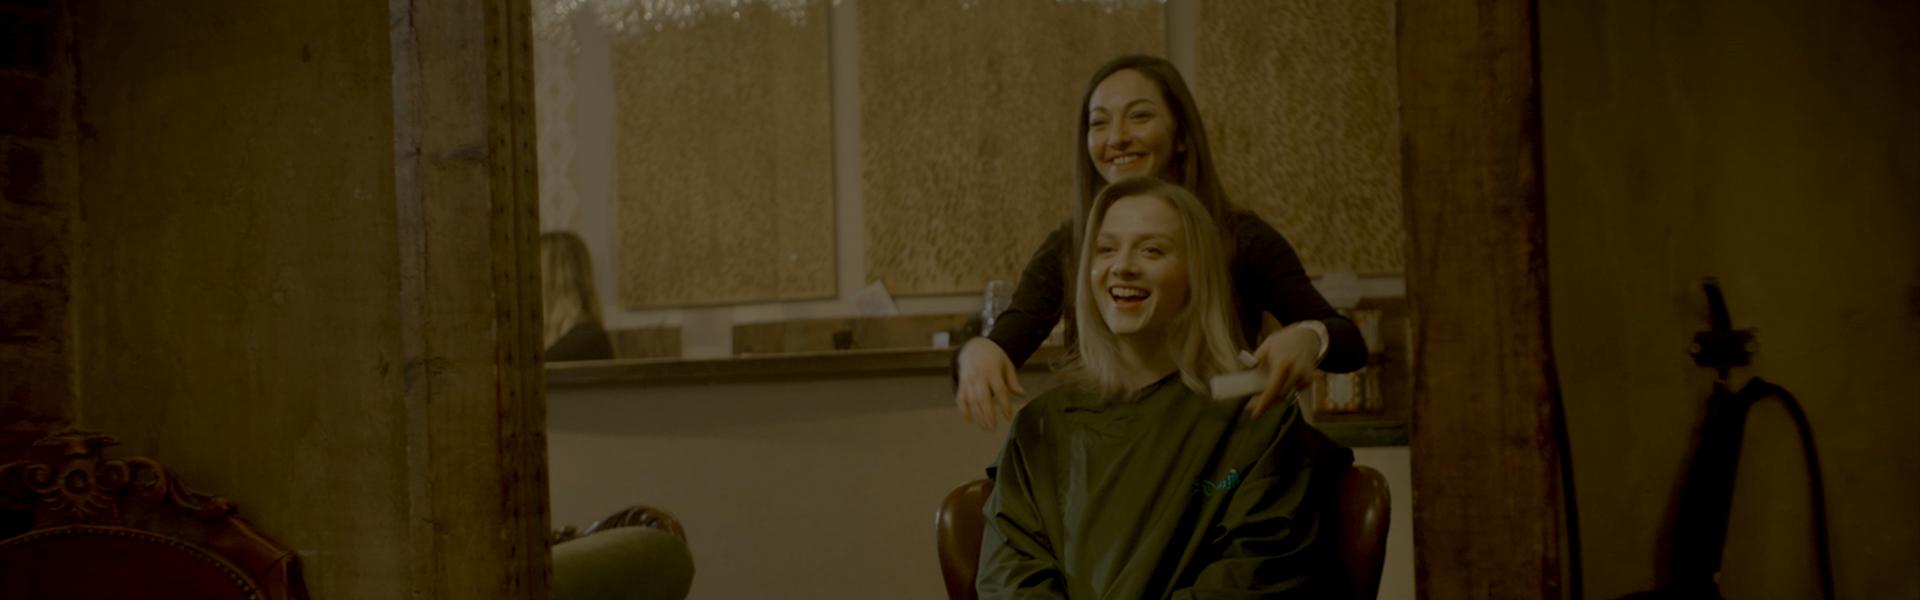 Două femei într-un coafor